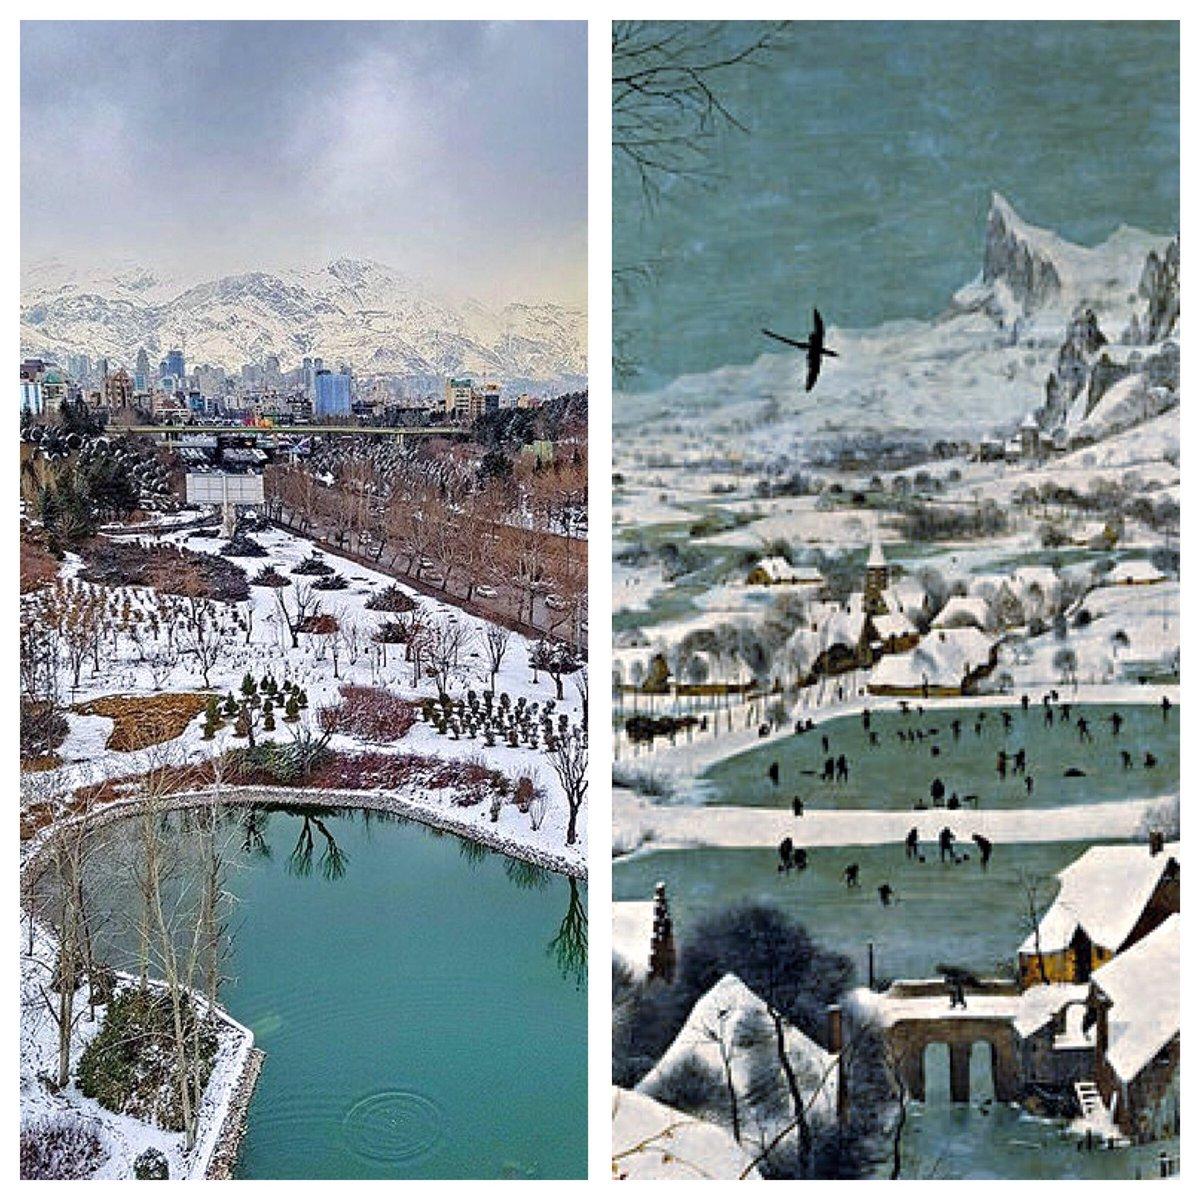 Tehran-Brueghel.jpg